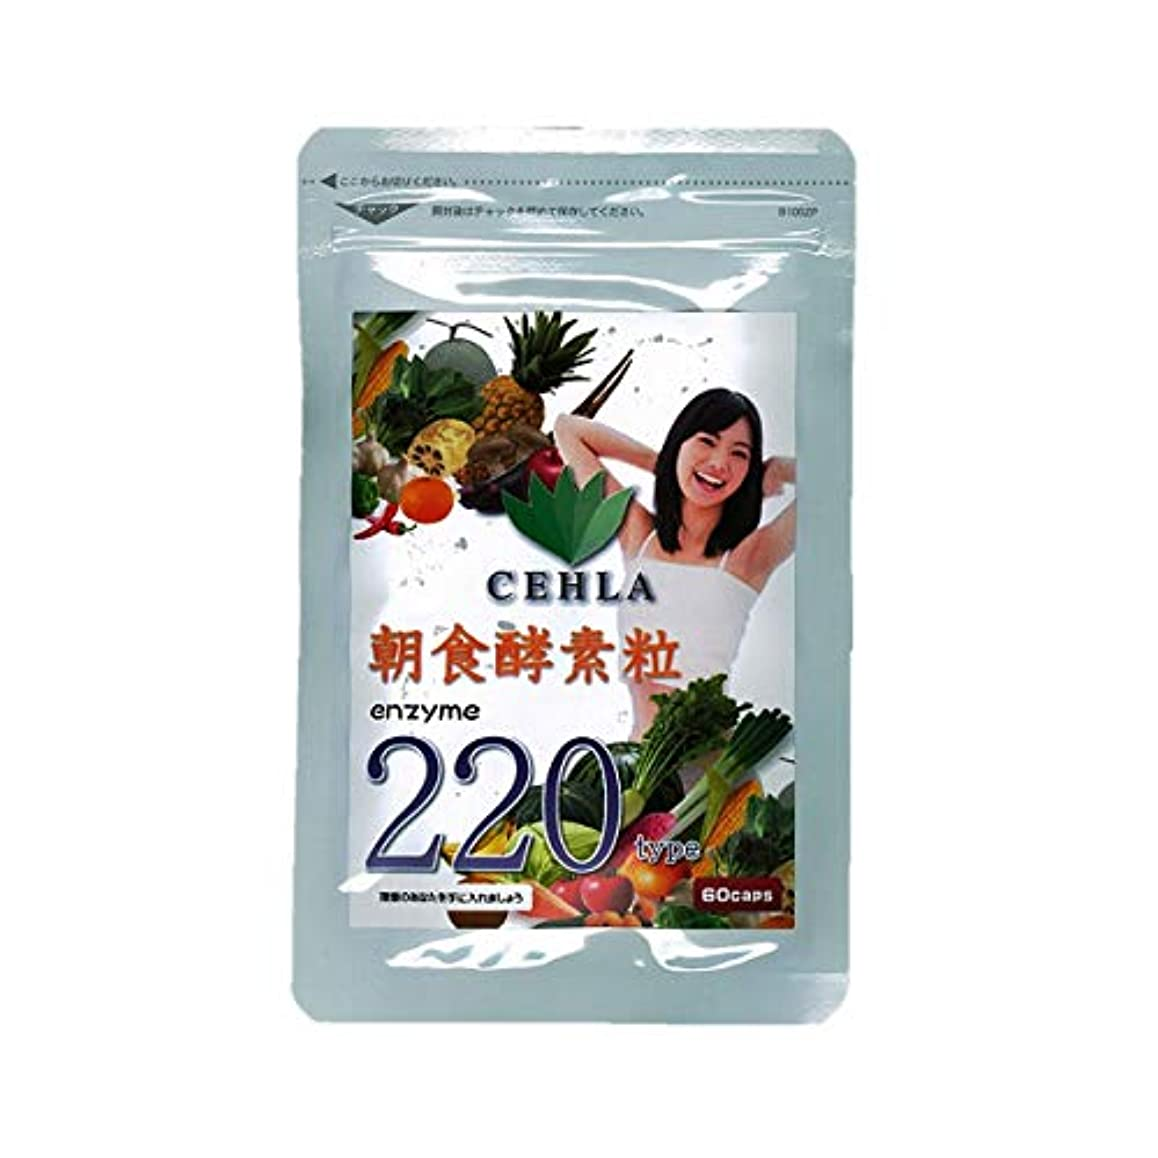 中にであることサーバセーラ朝食酵素粒エンザイム220種